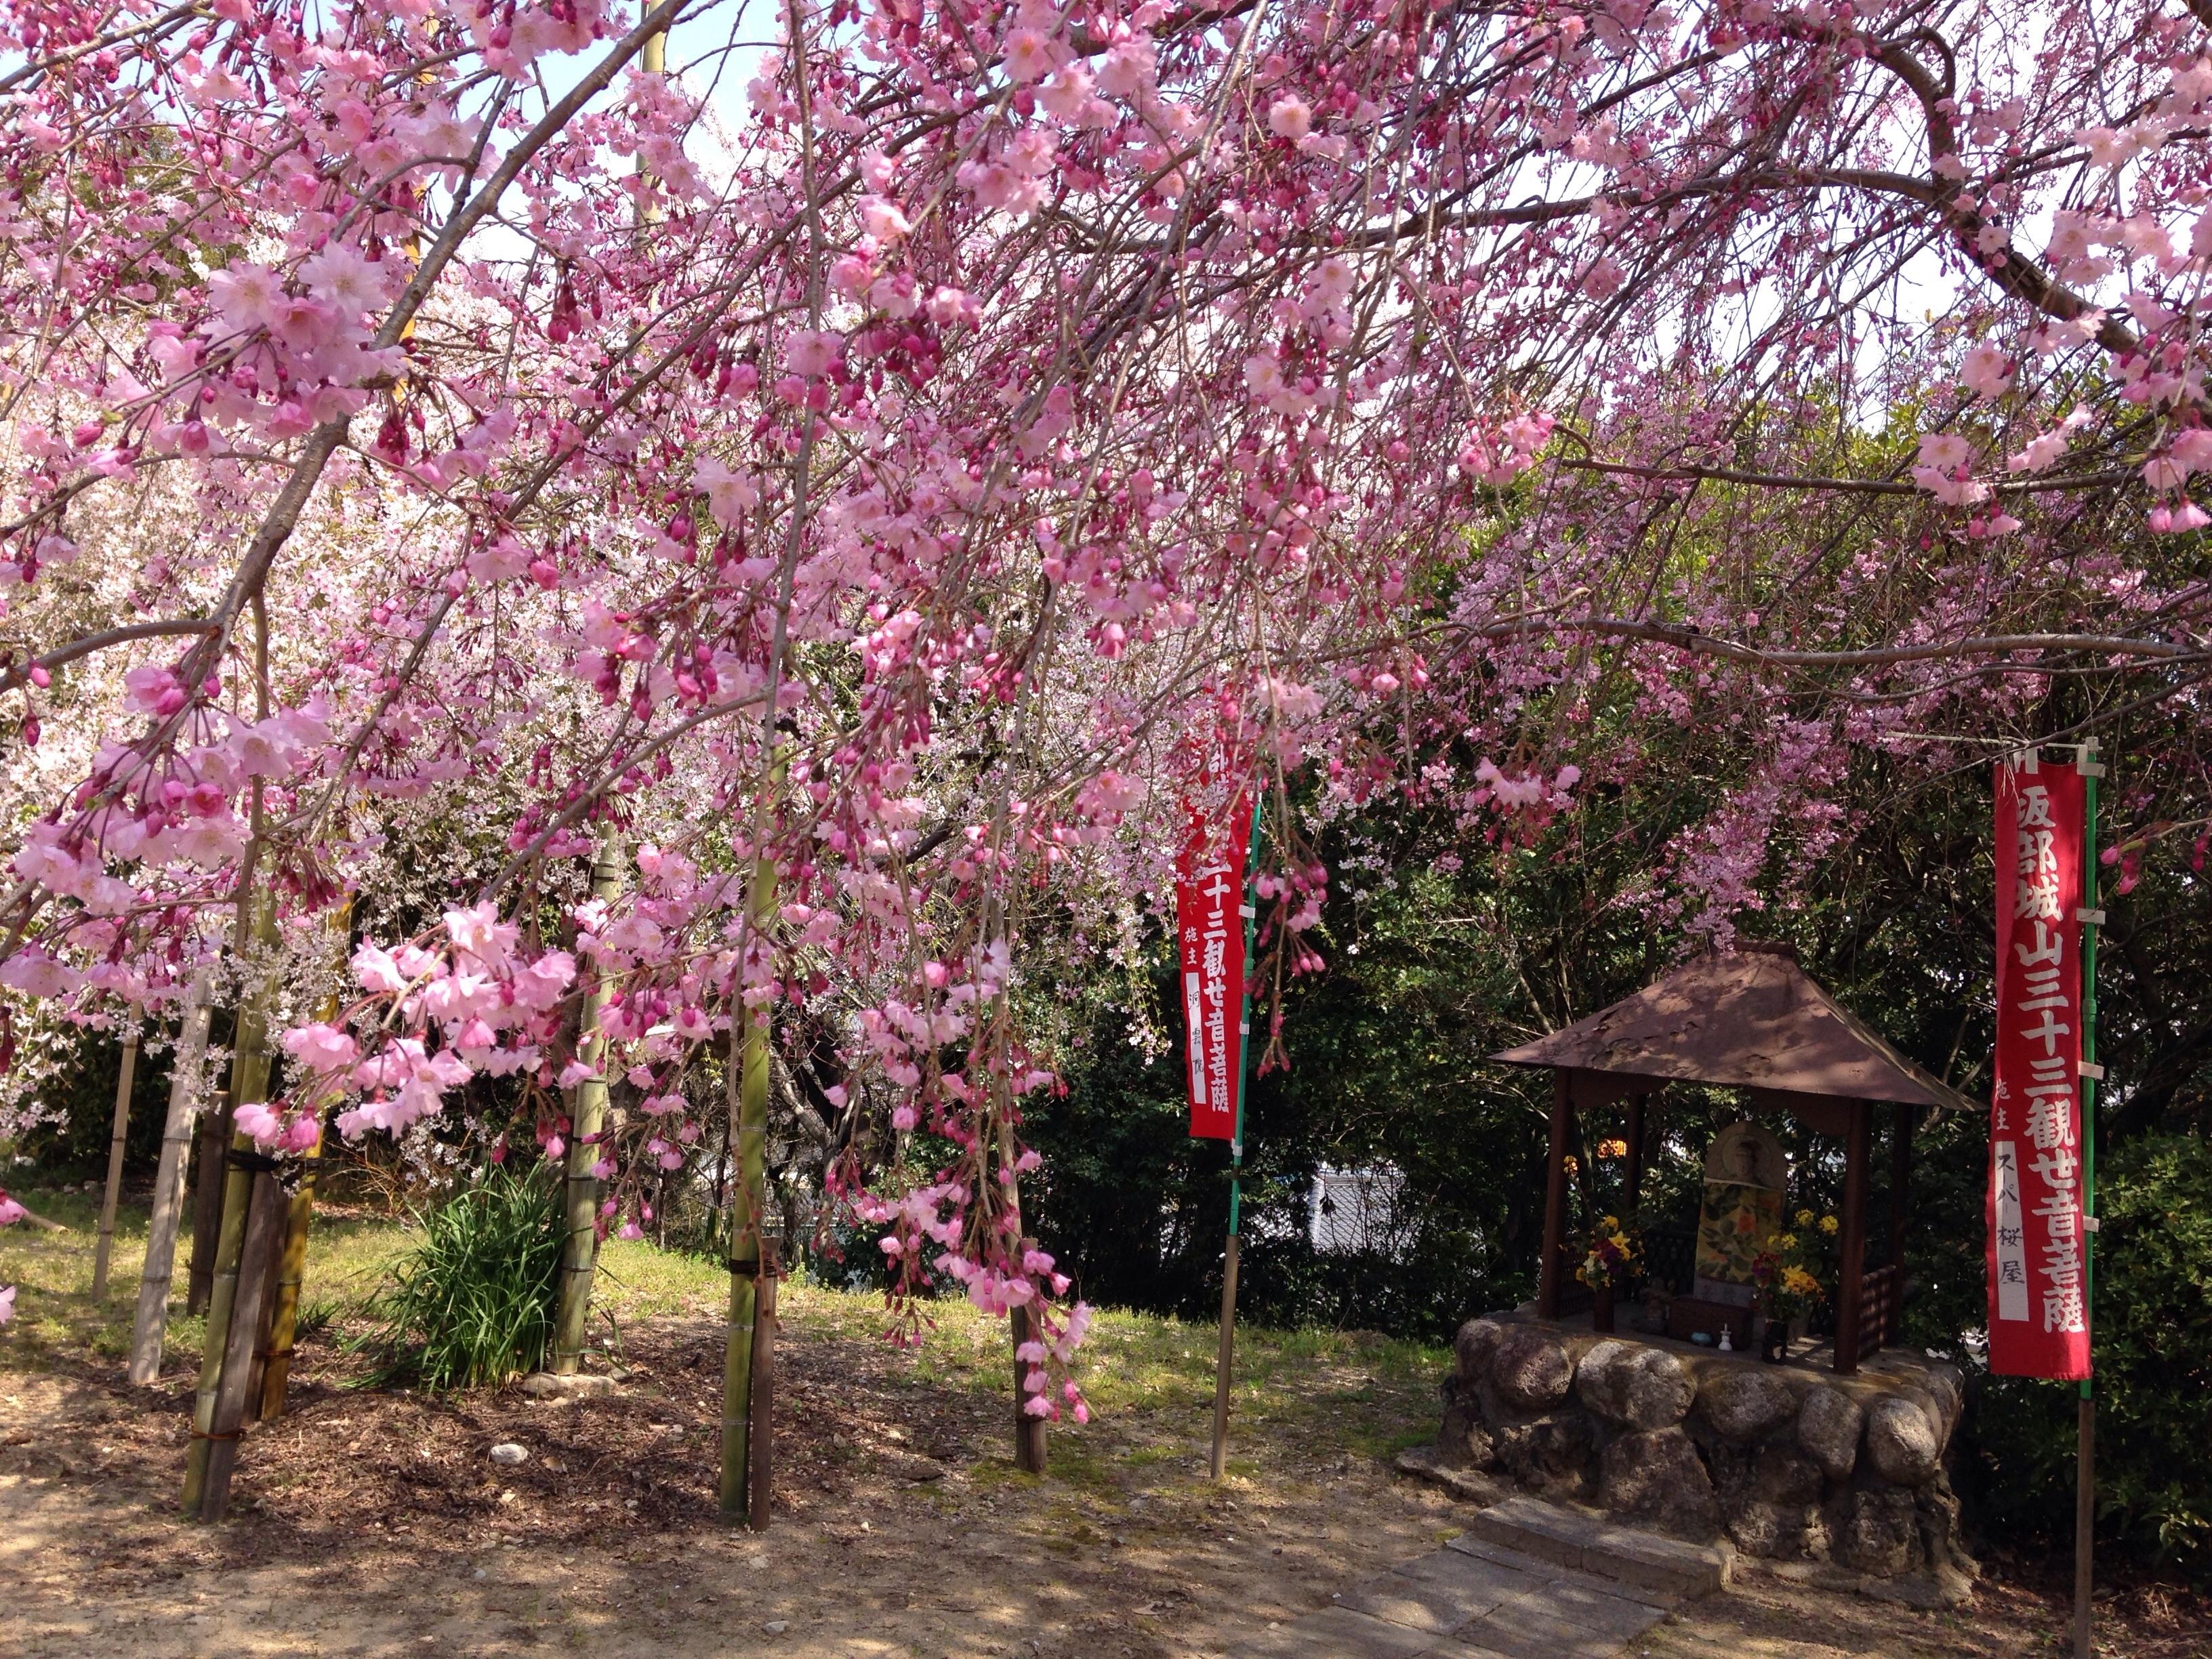 Images Gratuites Arbre Printemps Produire Botanique Japon